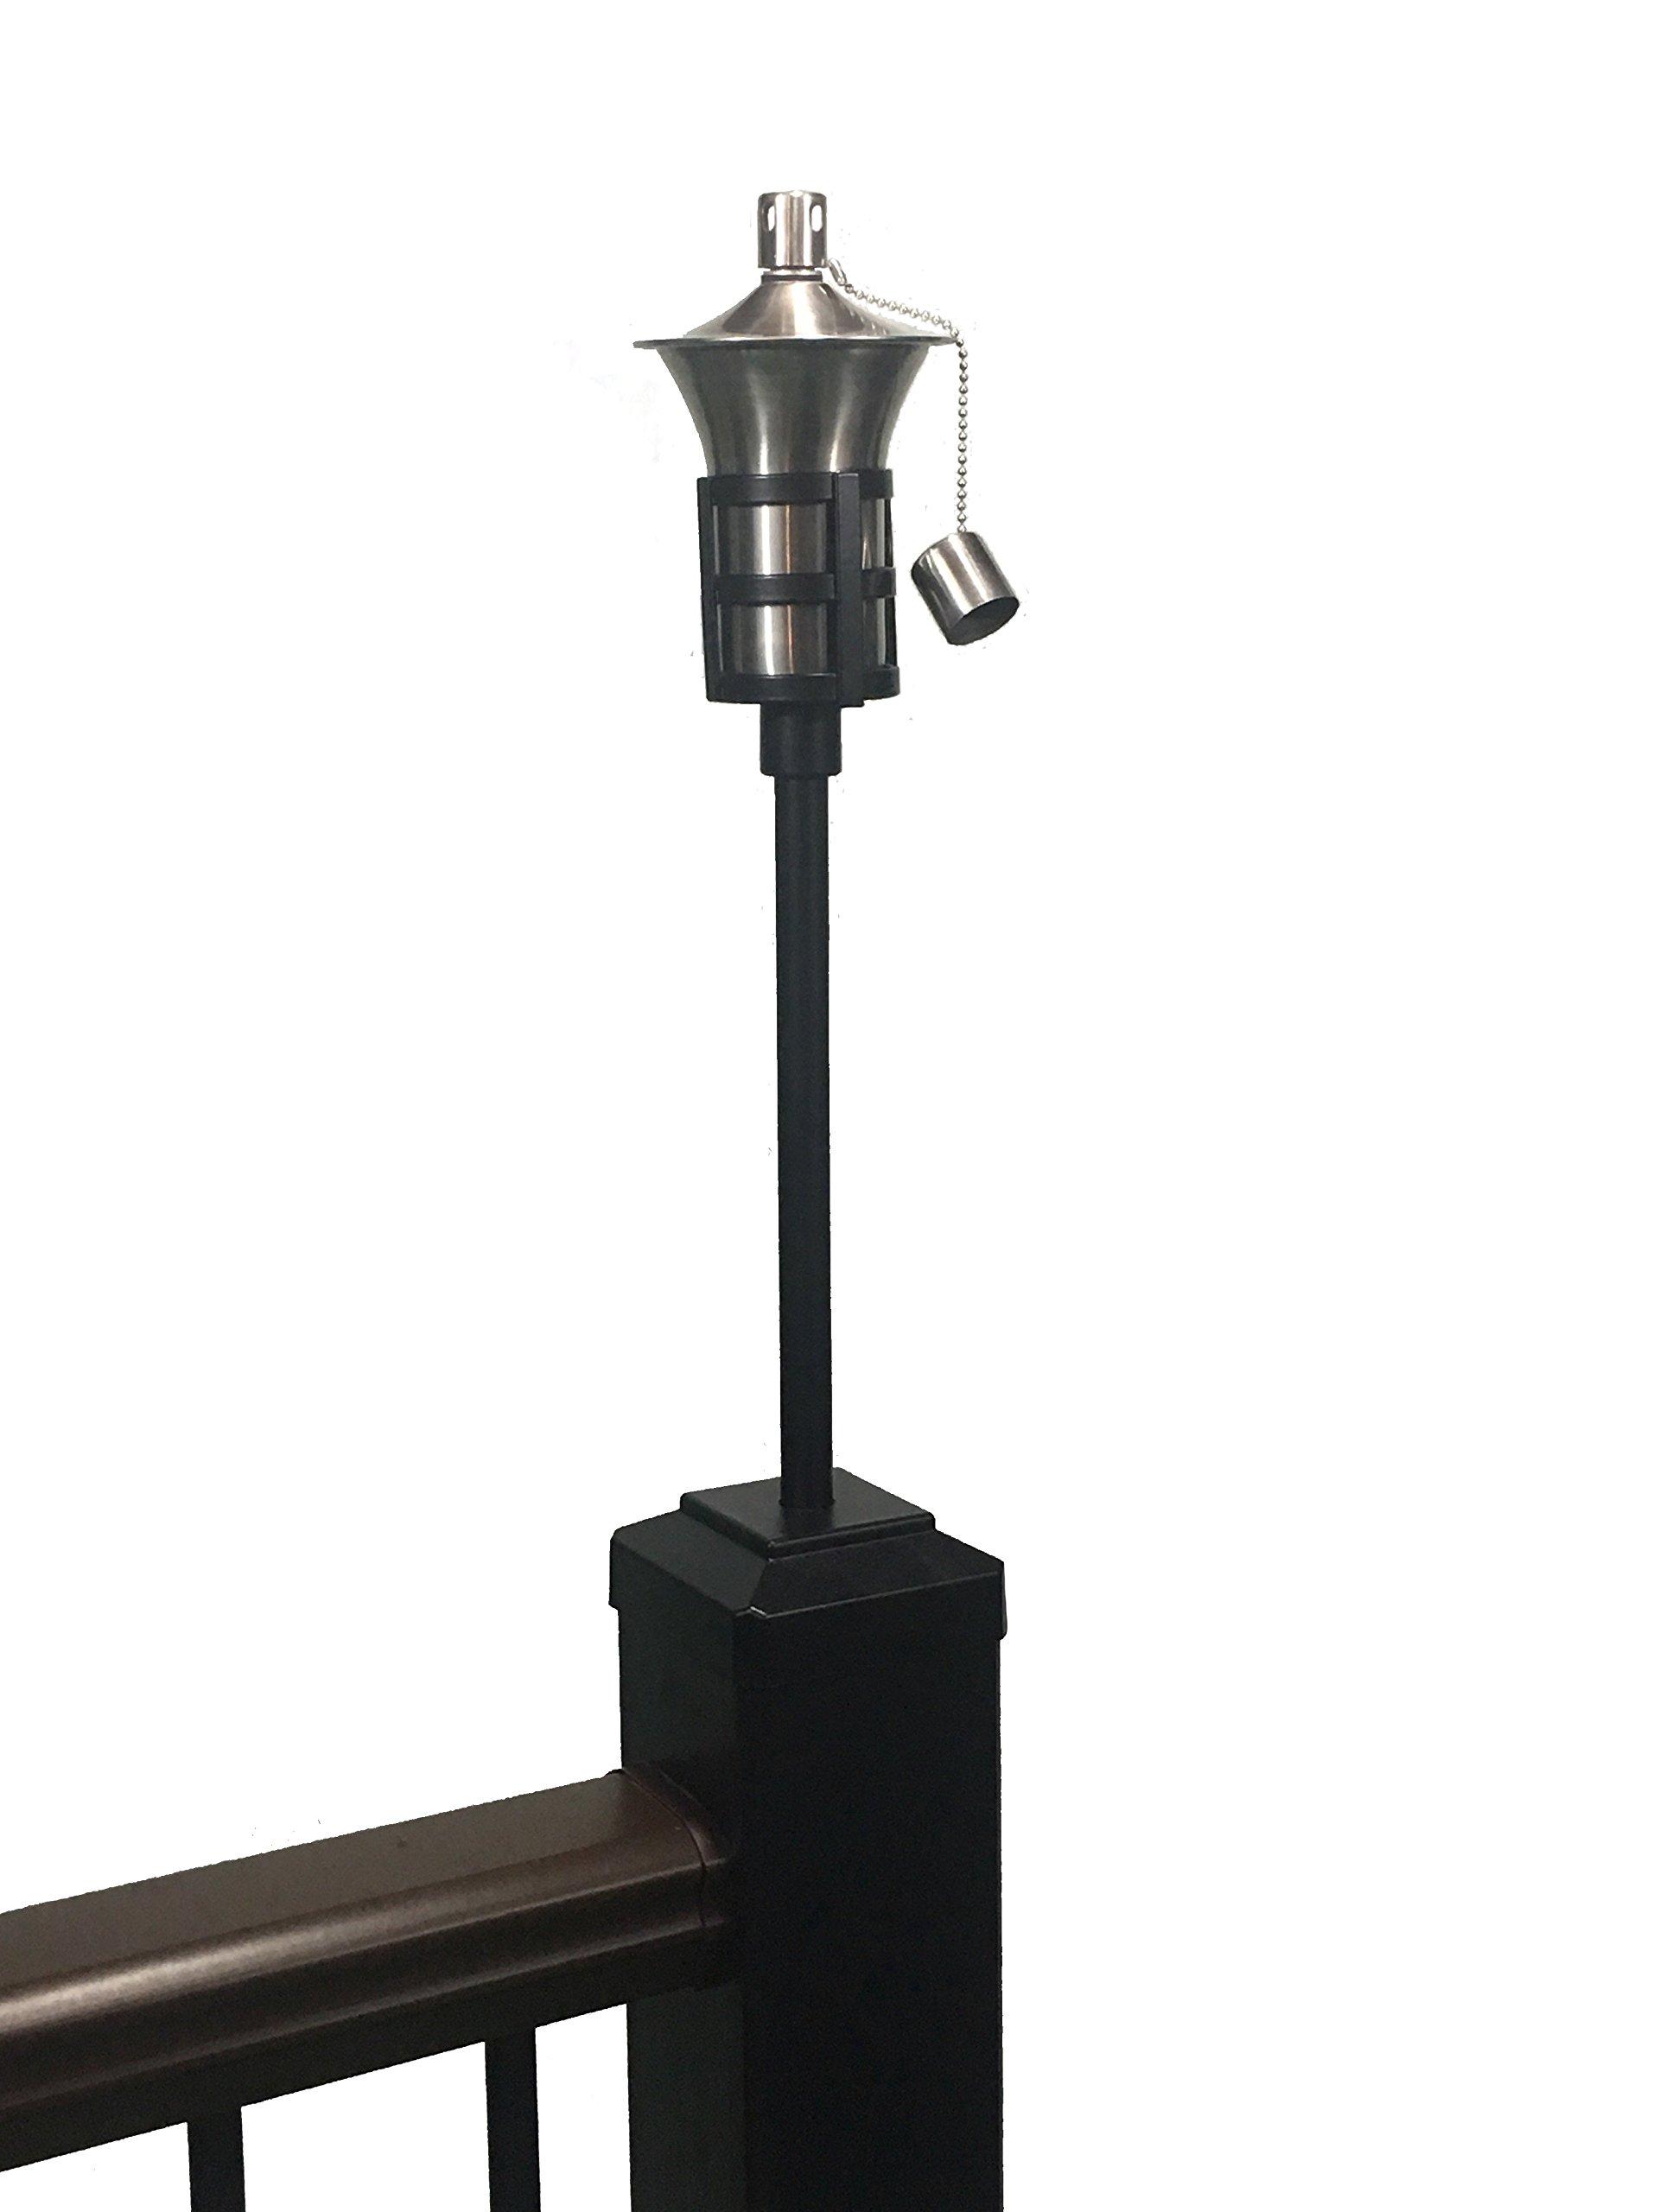 Tru-Post Oil Lamp (Tiki Torch) That fits a Standard 4.5'' Trex Transcend Railing Post (Black)